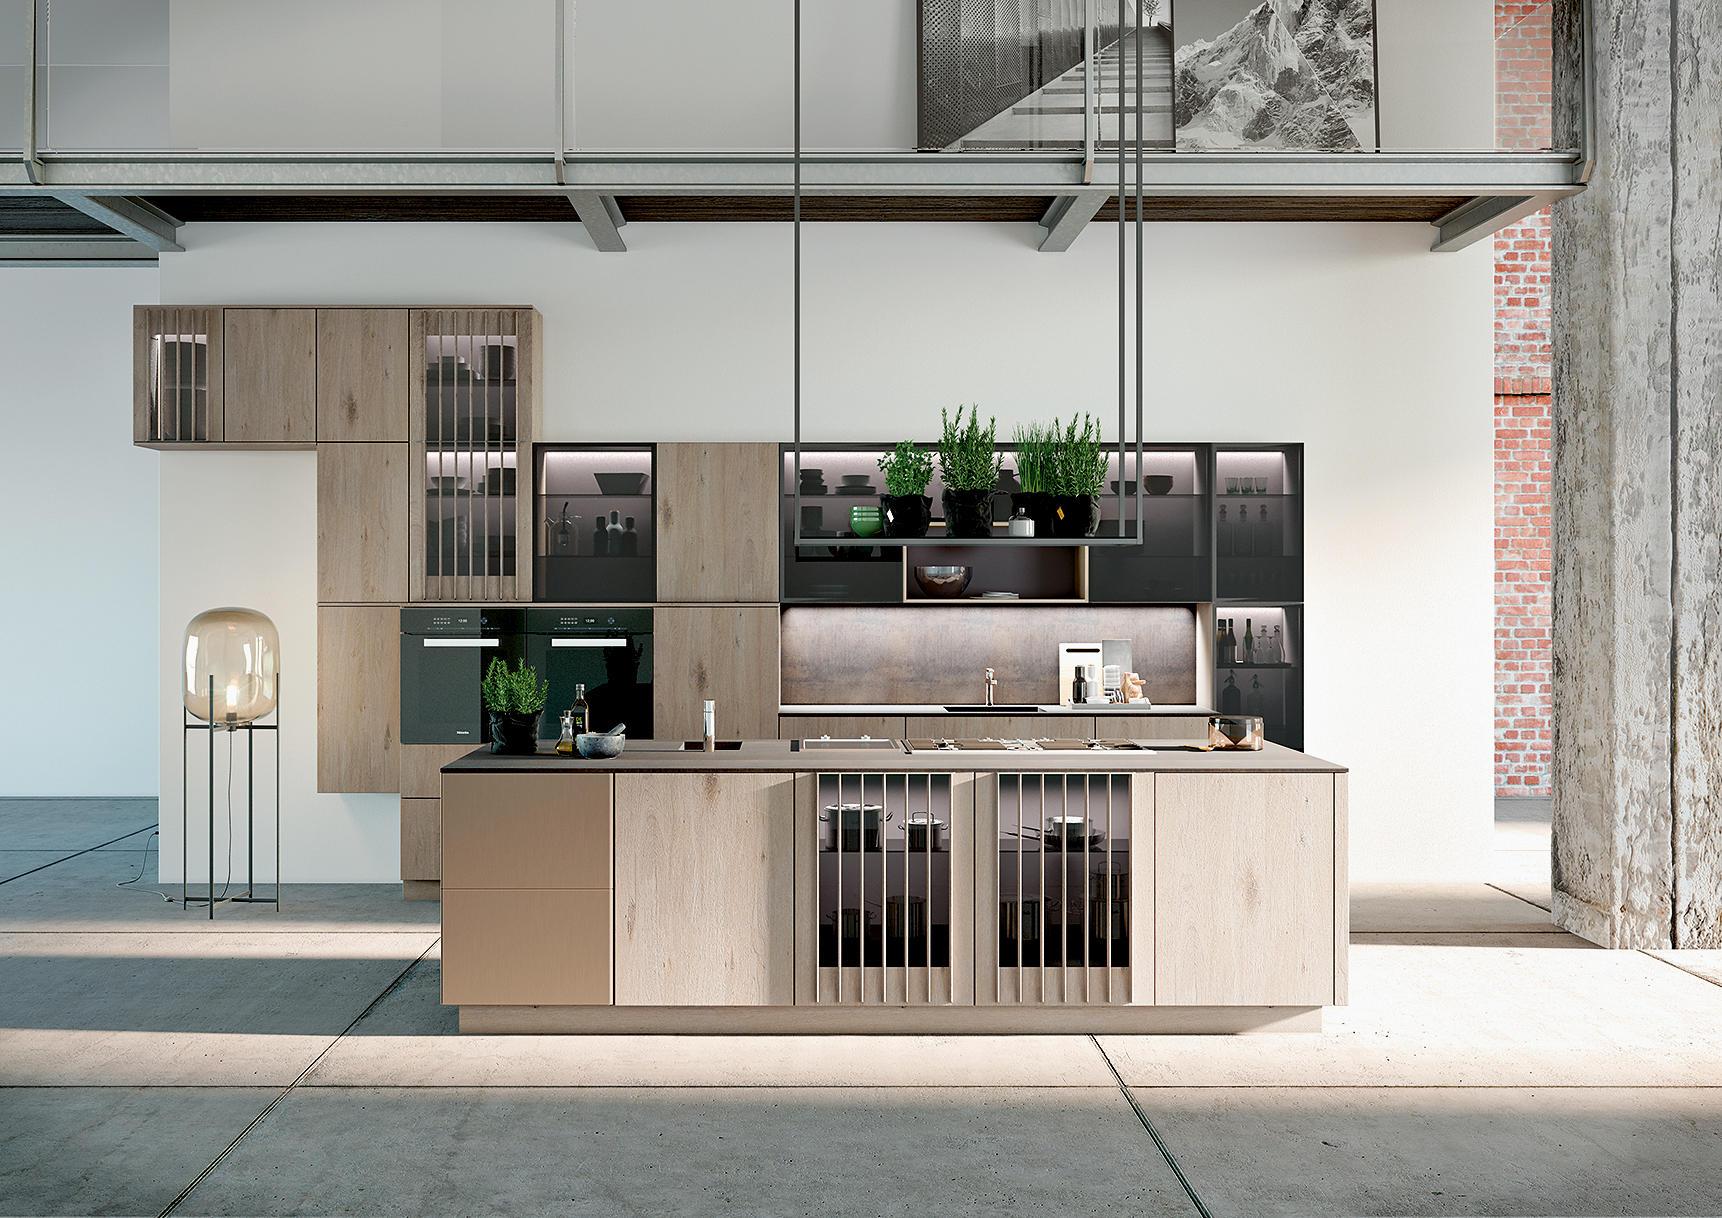 Full Size of Alno Küchen Wo Das Leben Spielt Regal Küche Wohnzimmer Alno Küchen